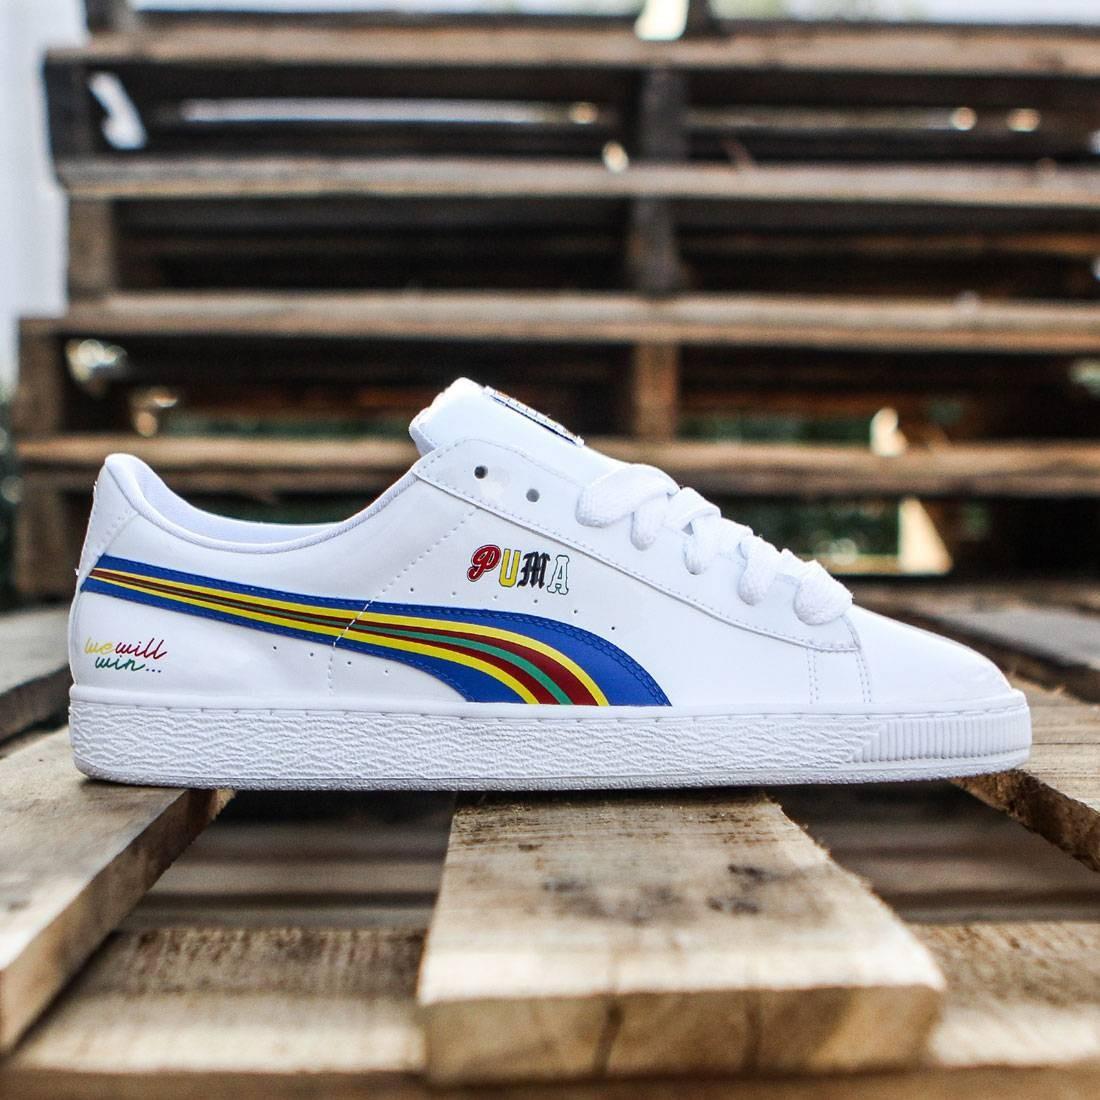 sports shoes 543fa 37a29 Puma Basket Dee And Ricky ukrainesolidarity.co.uk